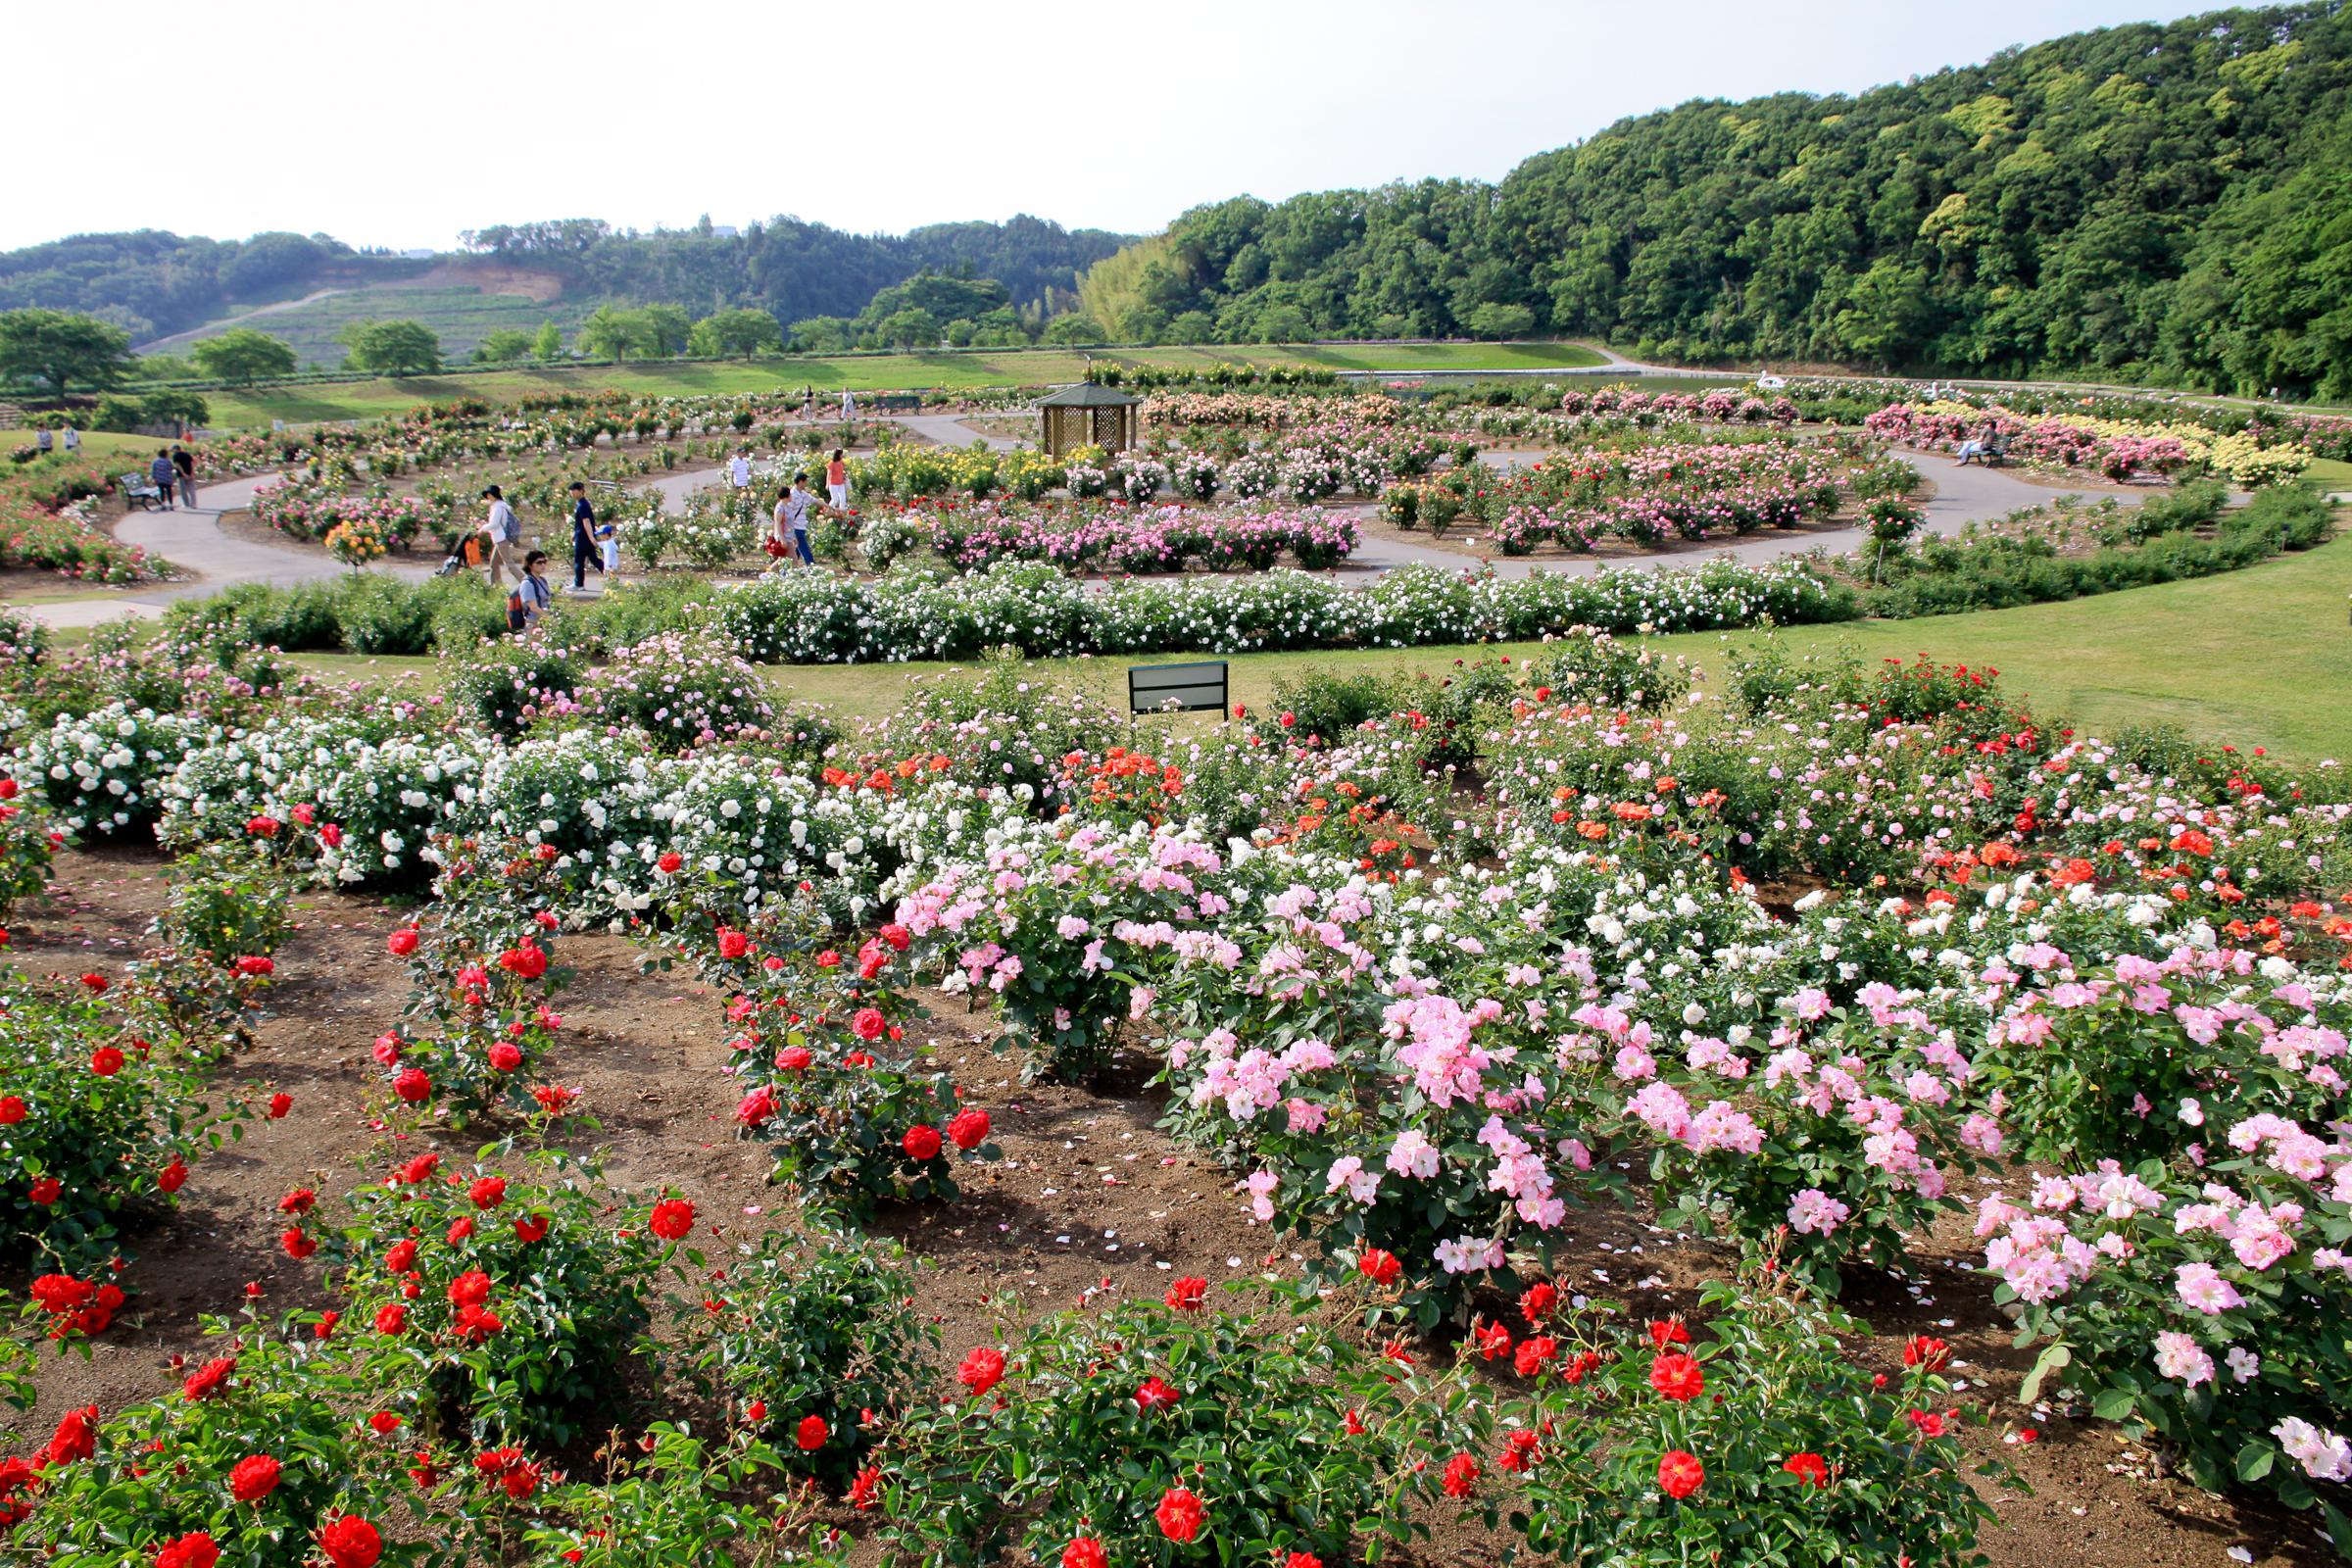 千葉県袖ケ浦市にある東京ドイツ村は、ドイツ風の建築物を背景に広大な芝生広場や動物園・アミューズメントエリア・収穫体験ゾーンなどを配した複合的なテーマパークです。またお花のエリアにも力を入れているスポットでもあります。入場ゲートを通ってすぐに広がる円形のローズガーデンには、約200種・5,000株の色とりどりのバラが咲き誇ります。